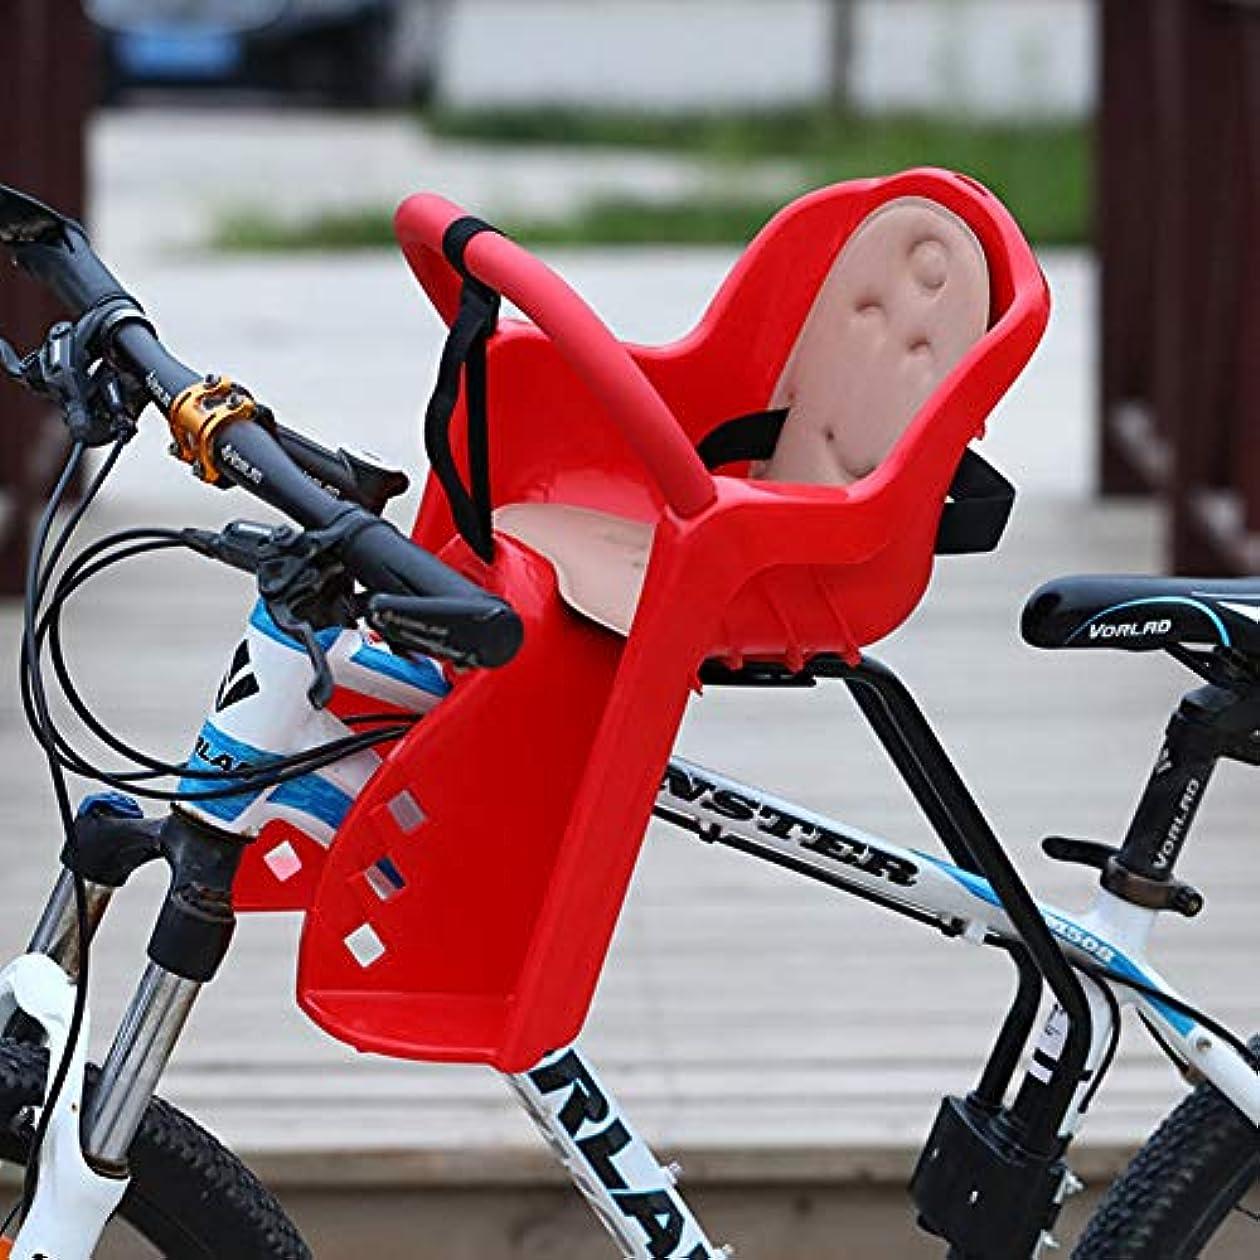 海洋終了しました手配するマウンテンバイクチャイルドシート フロントセーフティシート クイックリリース自転車用シート 子供用サドルパッド 安全で便利 クルーザー自転車に最適